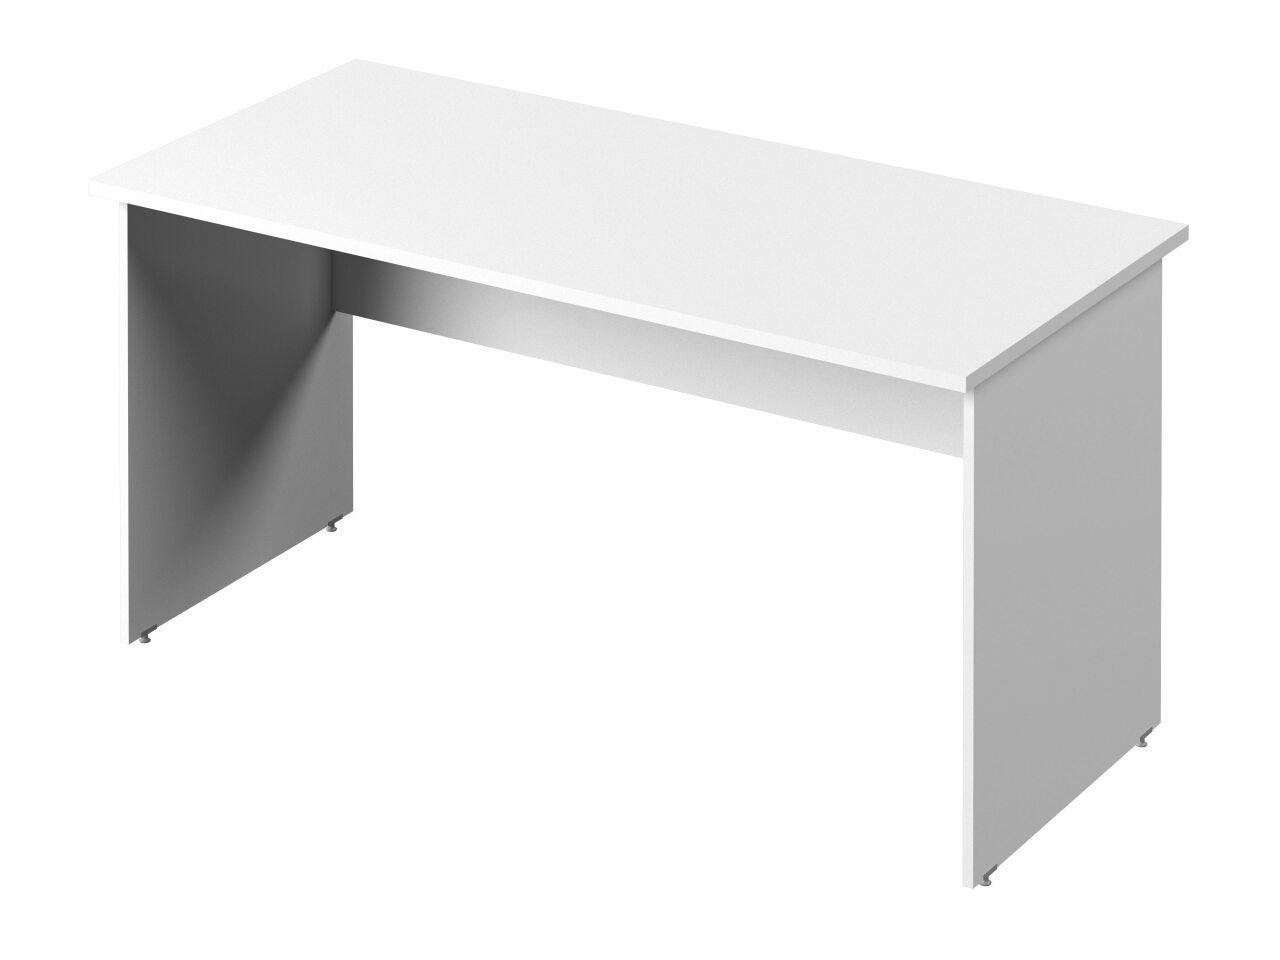 Стол прямой с опорами из ЛДСП - фото 2